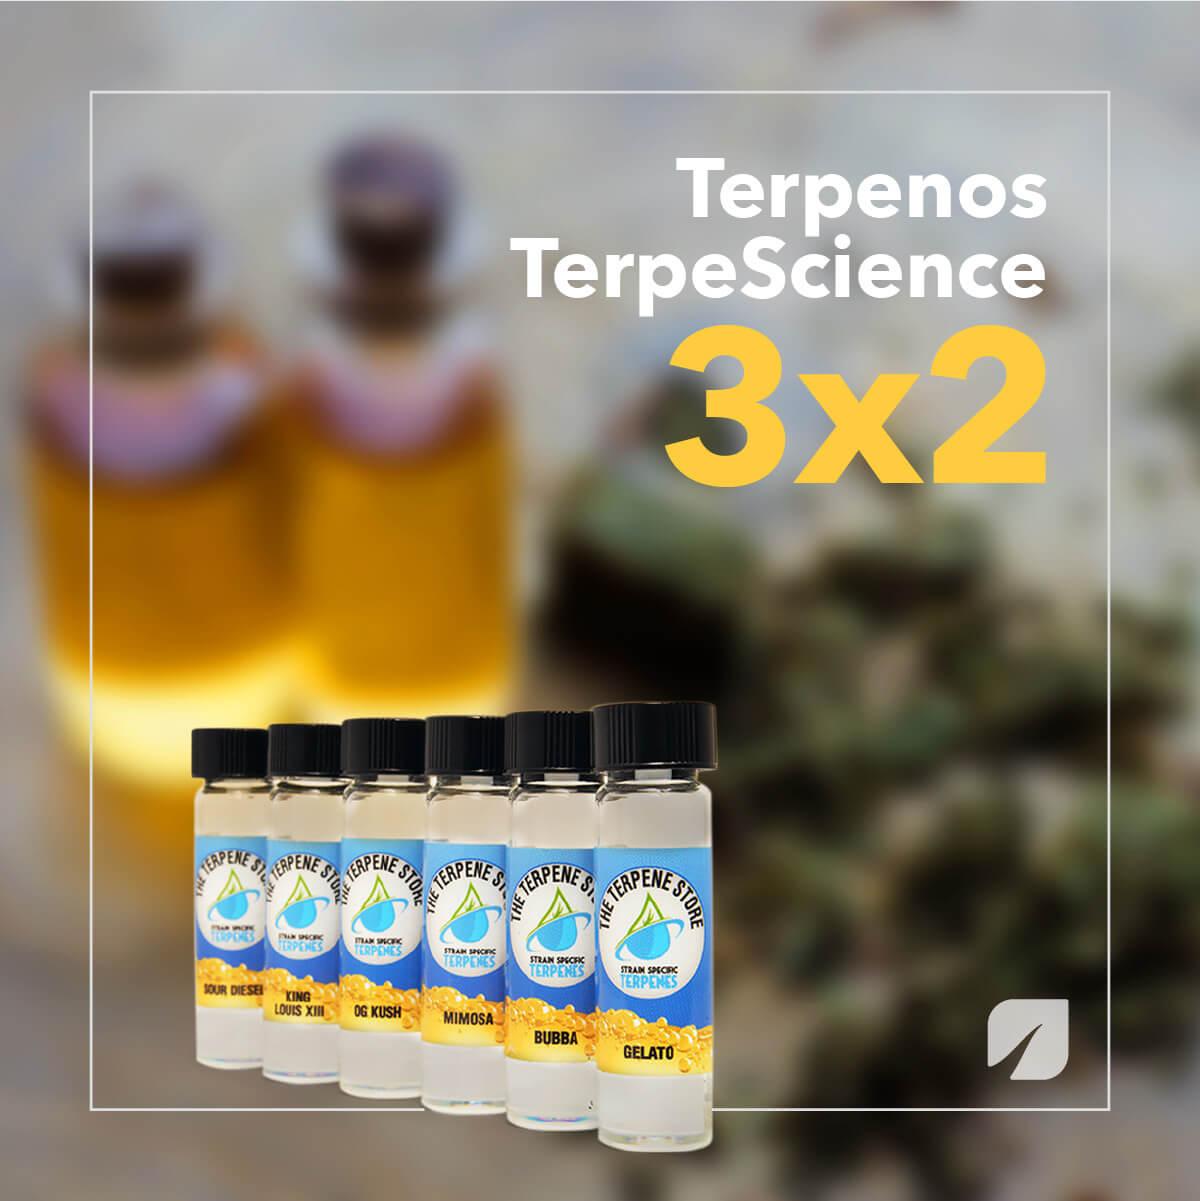 Promoción Terpenos TerpeScience 3x2